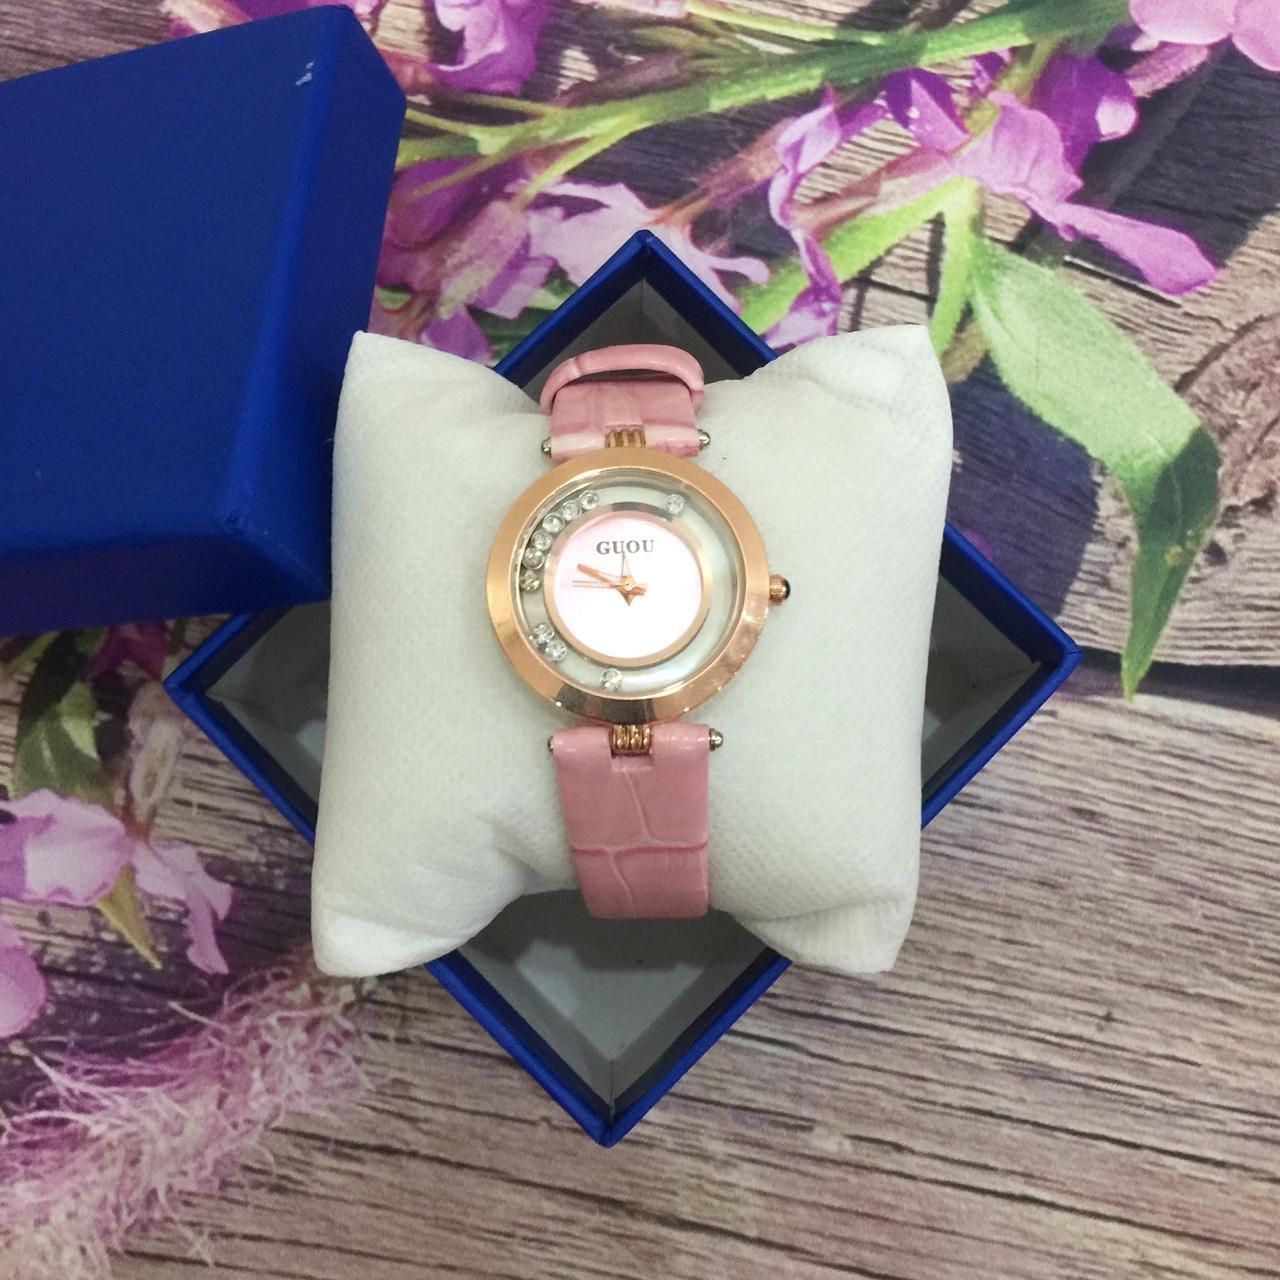 [TẶNG VÒNG TAY KHI MUA] Đồng hồ nữ GUOU chất liệu dây da mặt đá lăn thời thượng G44-2 bán chạy